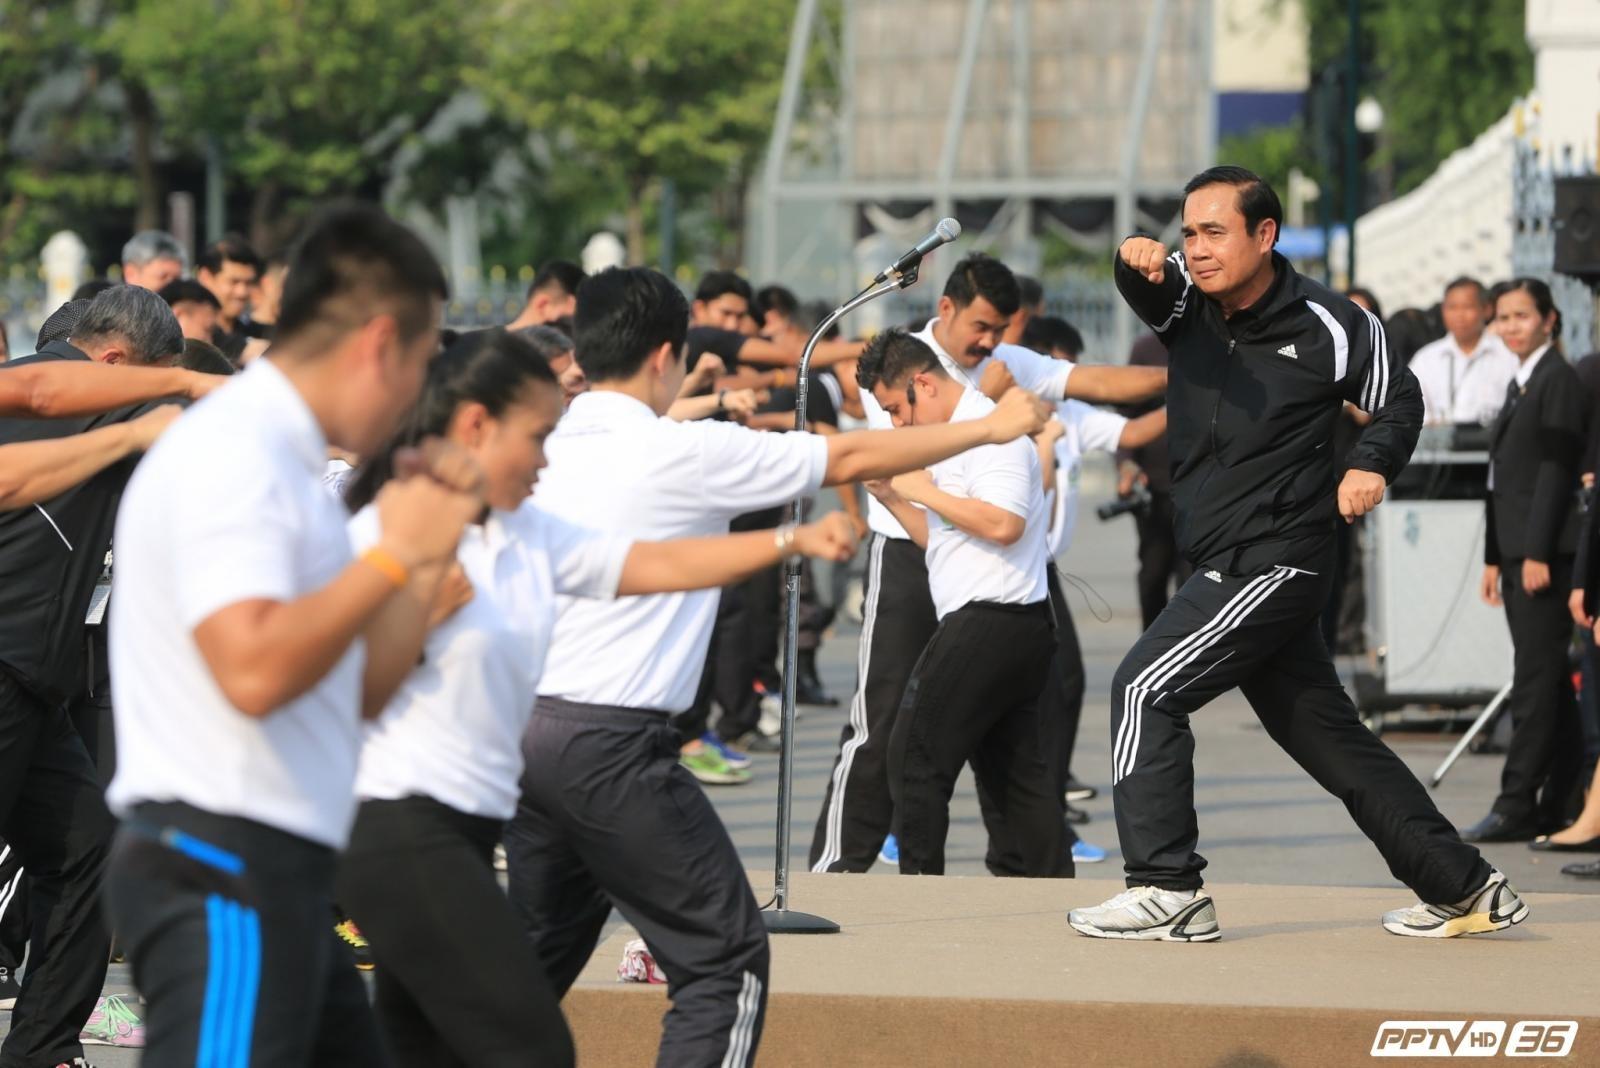 """เริ่มแล้ว !! """"บิ๊กตู่"""" นำทีมข้าราชการทำเนียบฯ ออกกำลังกายสร้างเสริมสุขภาพ (คลิป)"""